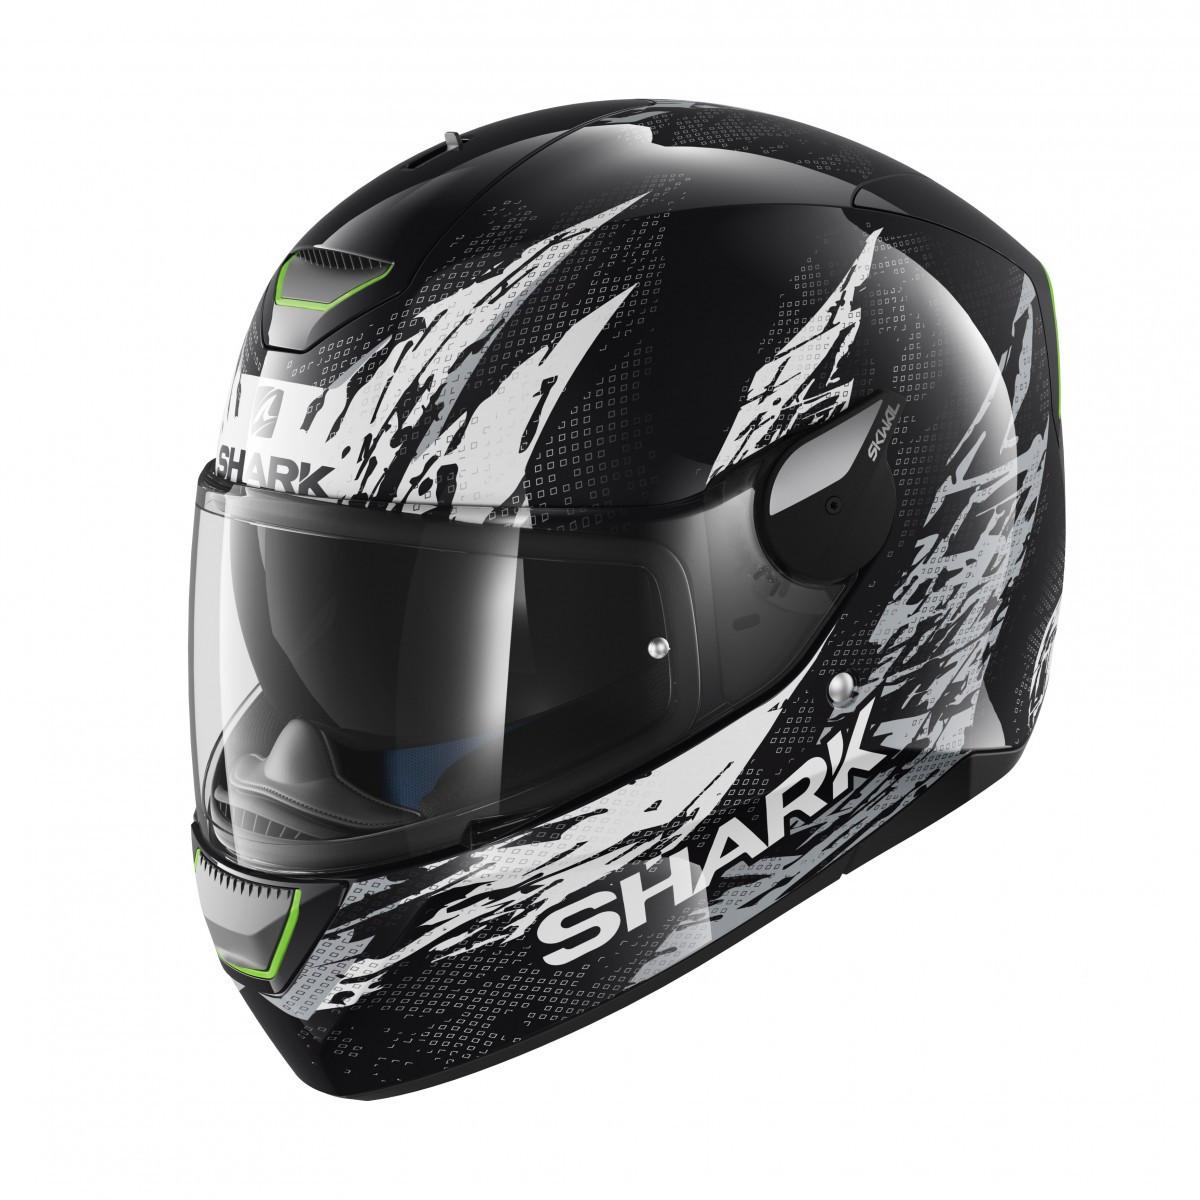 fab2664a Shark SKWAL Ellipse Helmet - Black / White | Bolt Bikes - Free UK Delivery